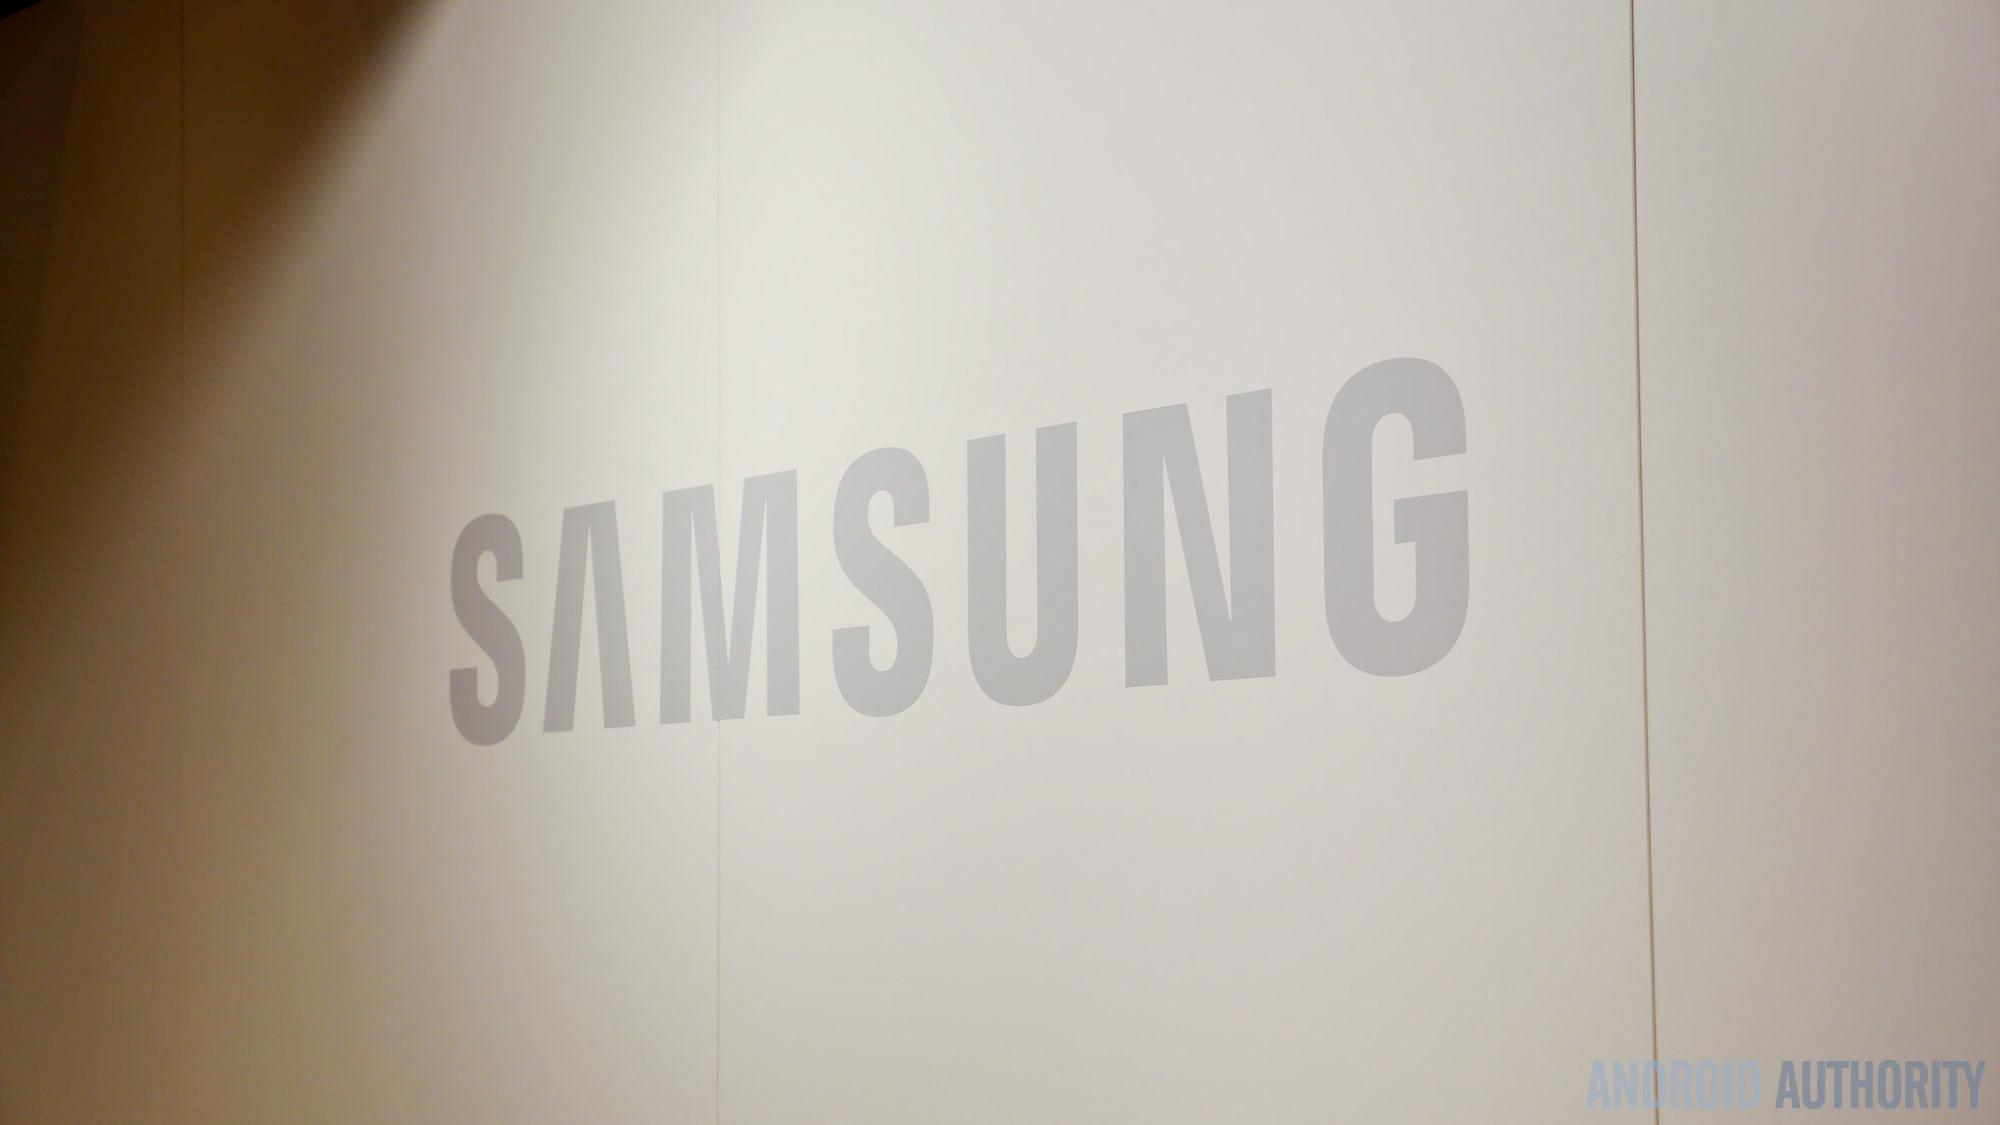 samsung galaxy logo 2